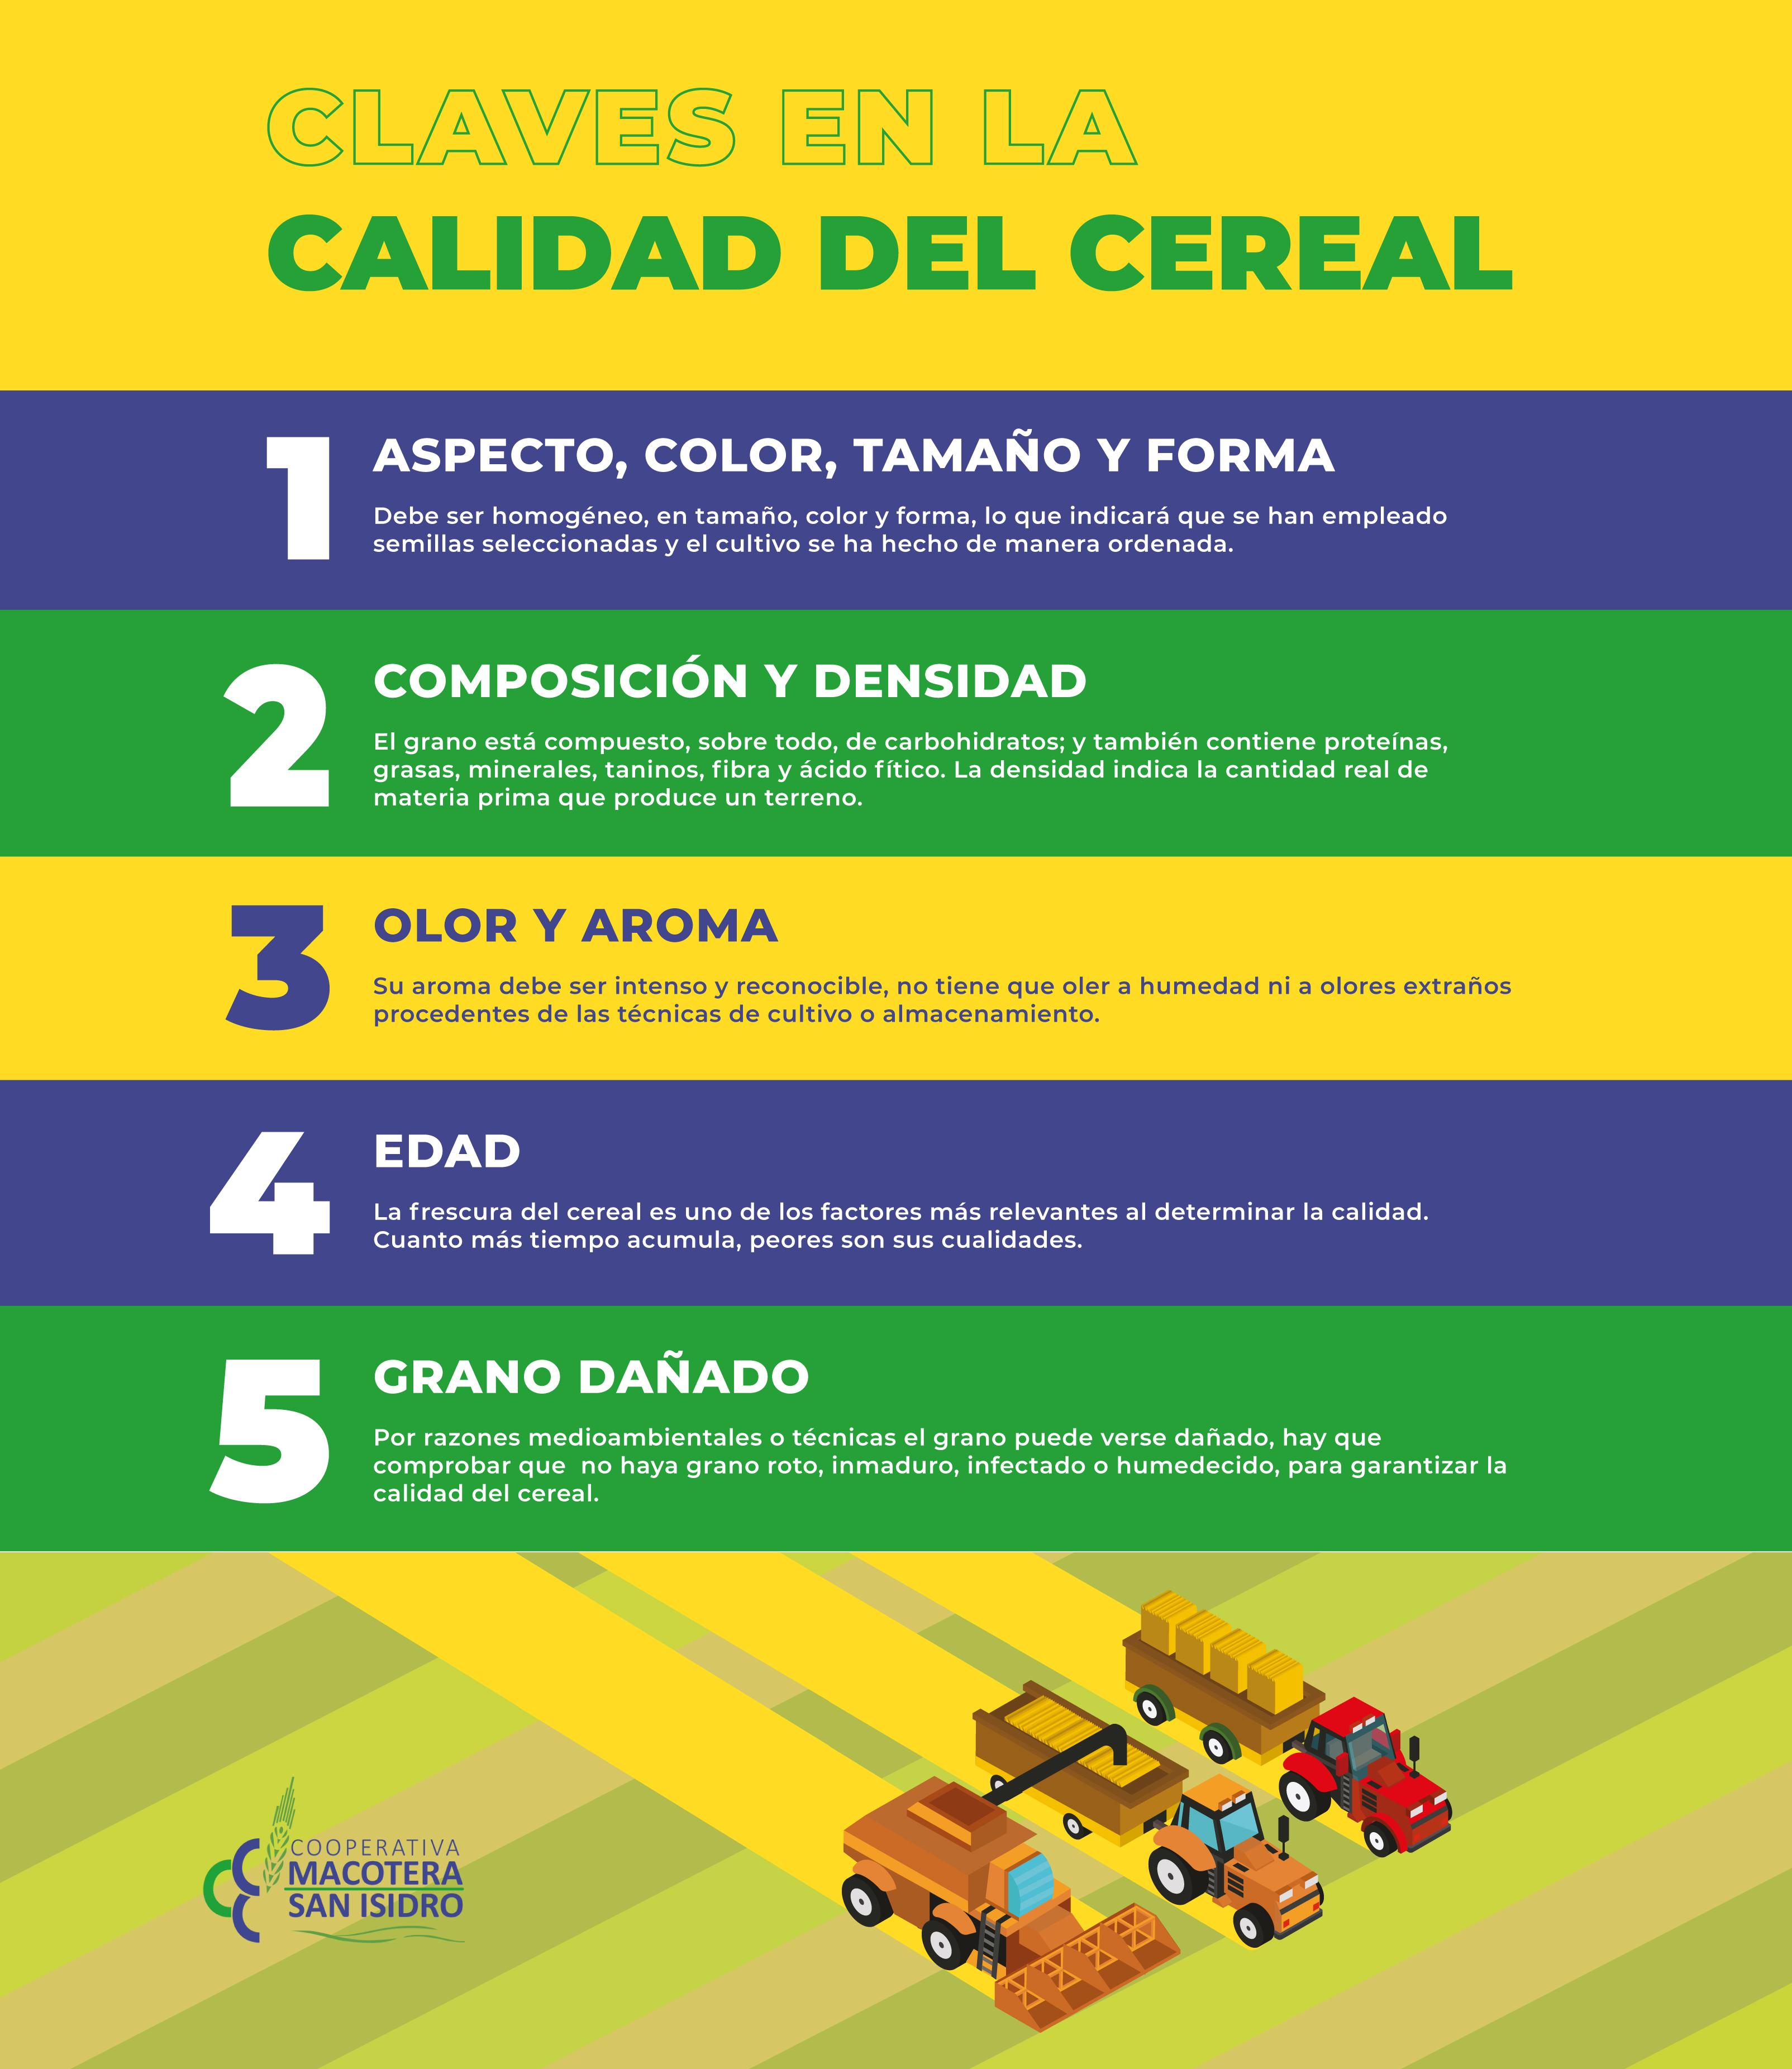 Claves en la Calidad del Cereal